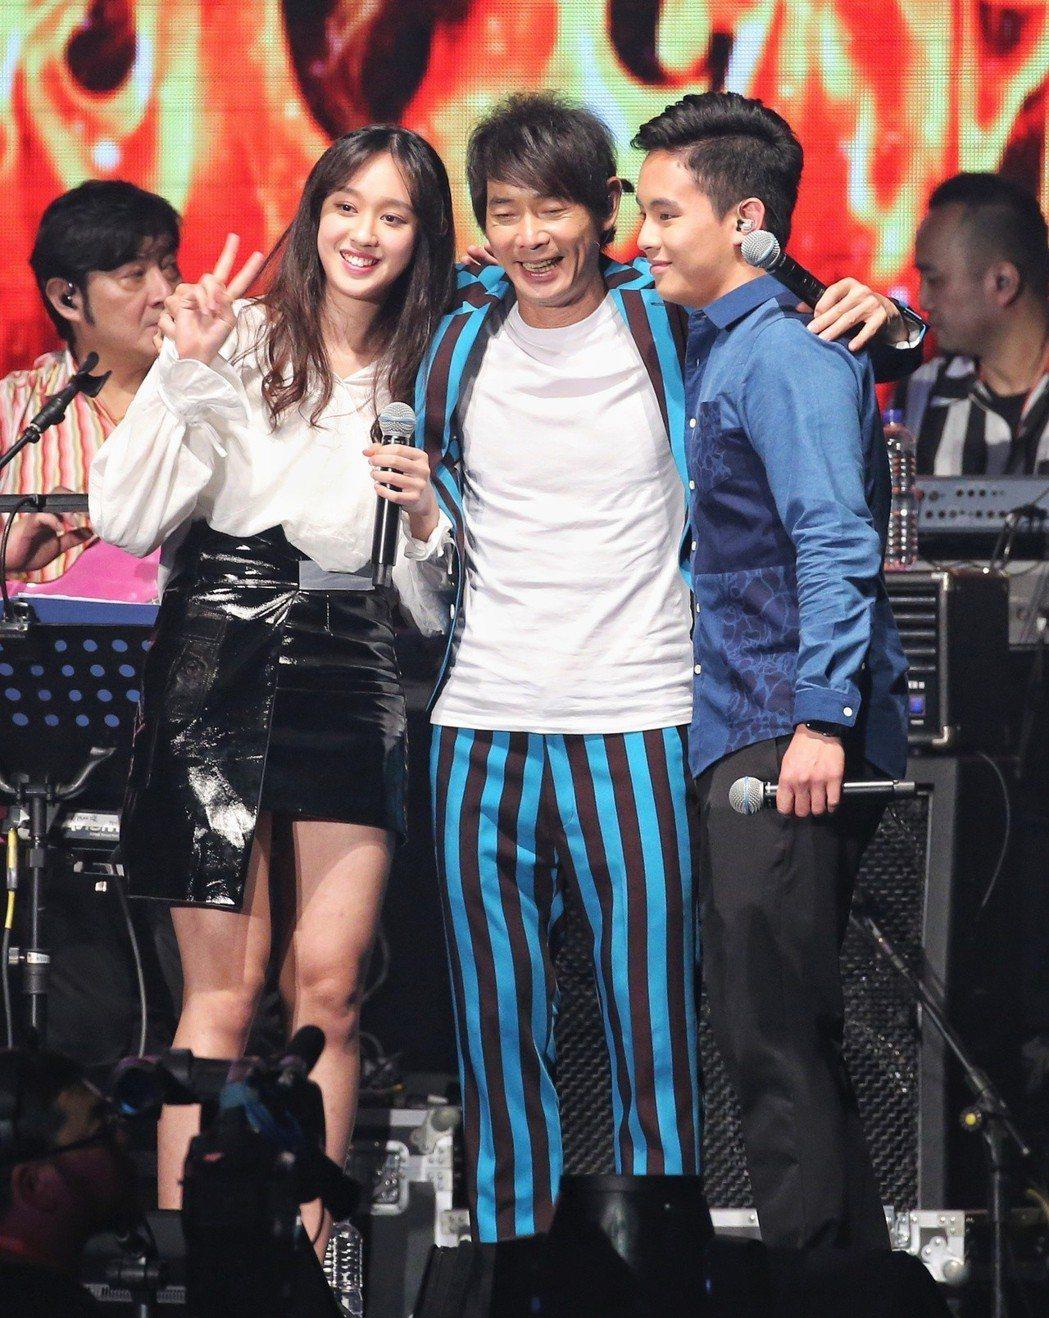 黃品源(中)舉行演唱會,一雙兒女上台演出。記者鄭清元/攝影